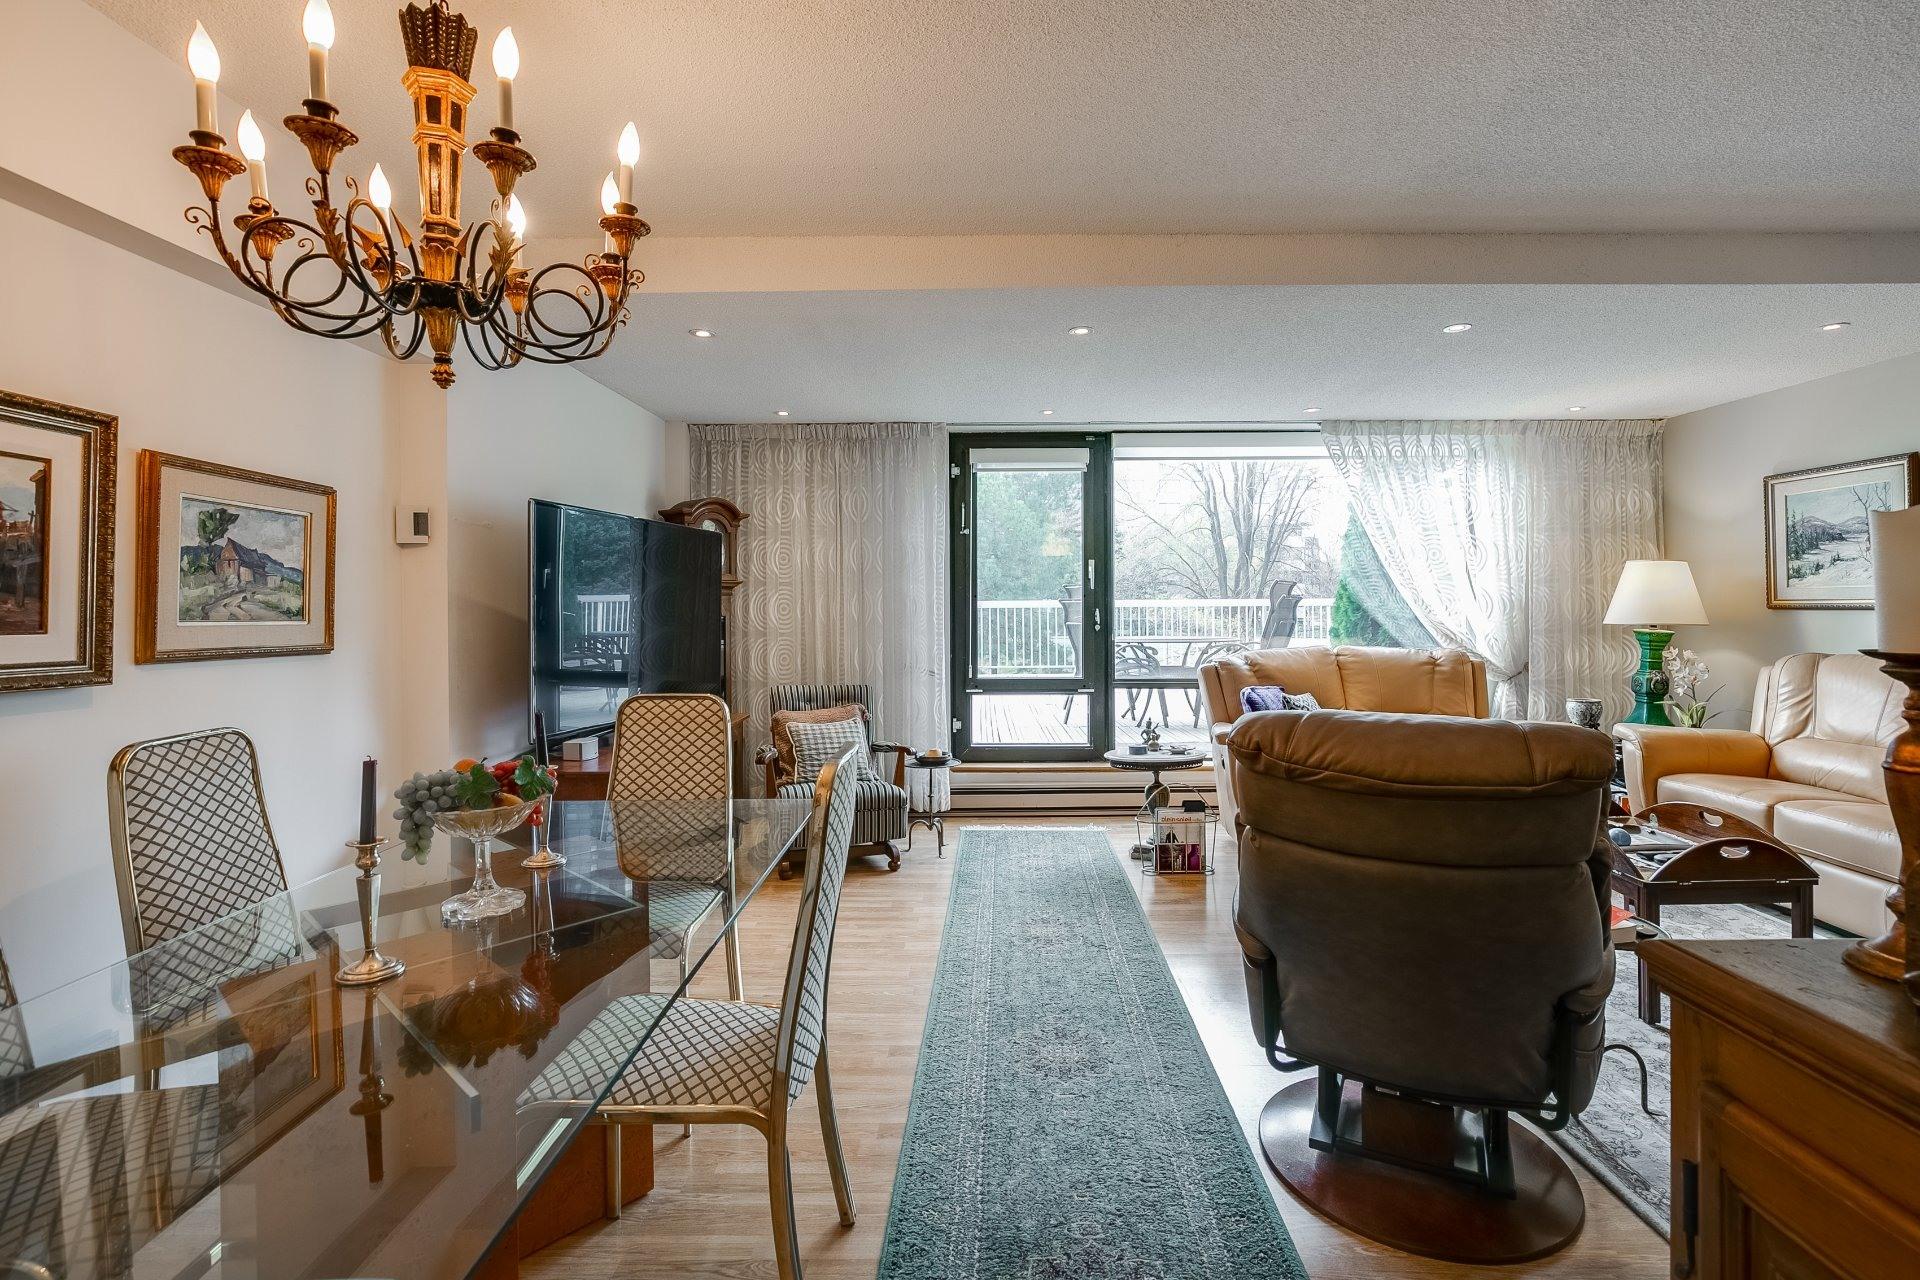 image 6 - Appartement À vendre Verdun/Île-des-Soeurs Montréal  - 6 pièces